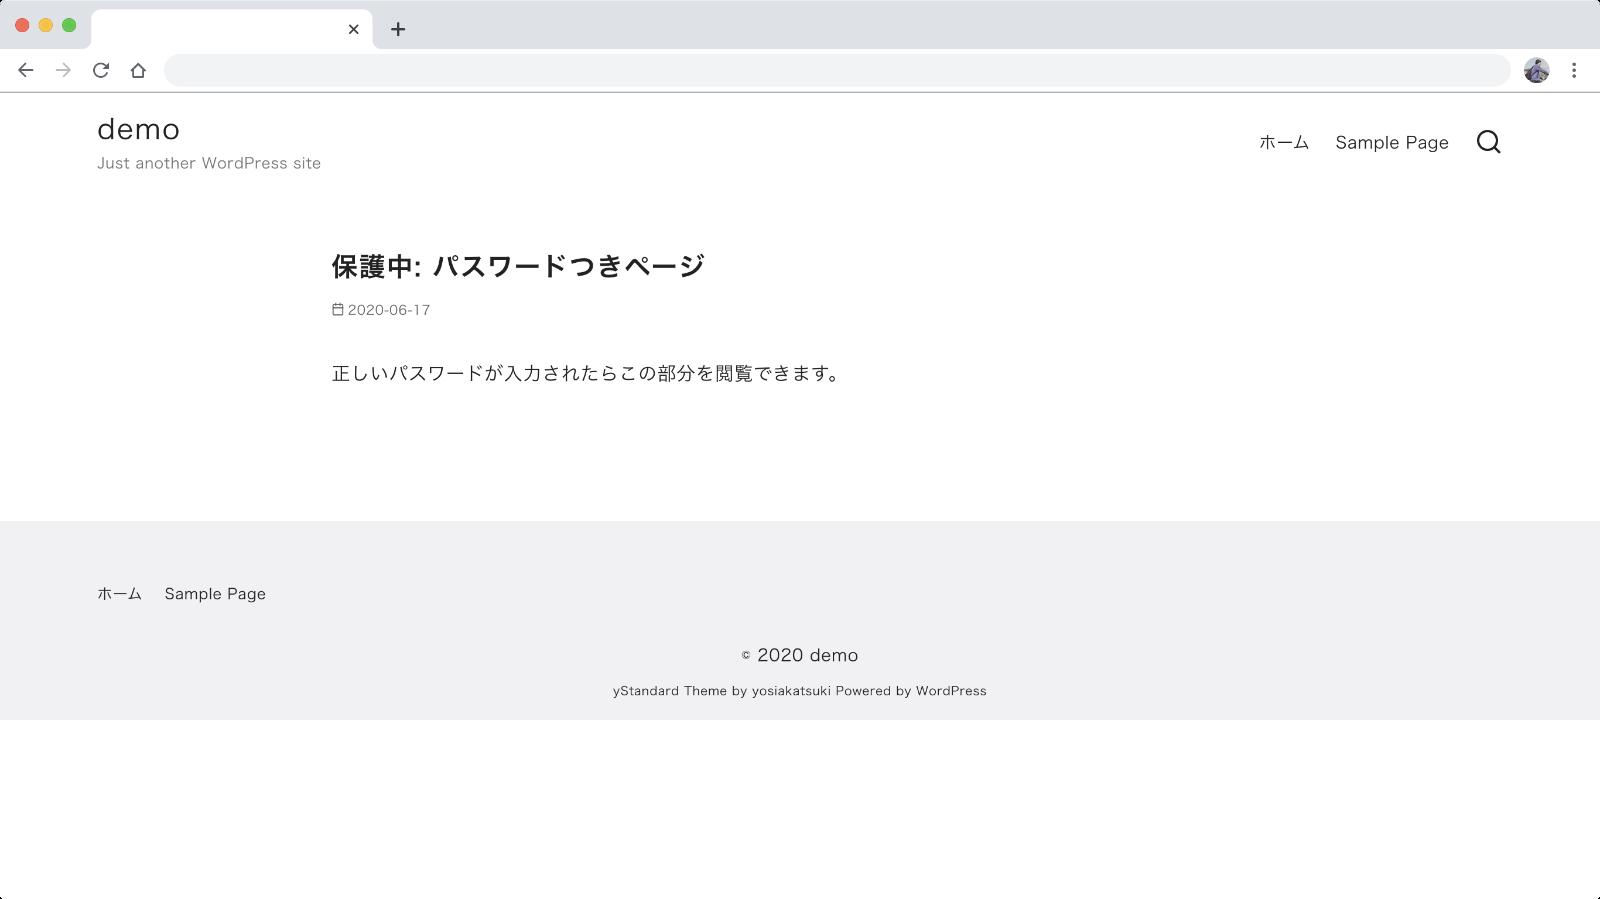 パスワード保護されたページの見え方:パスワード入力後